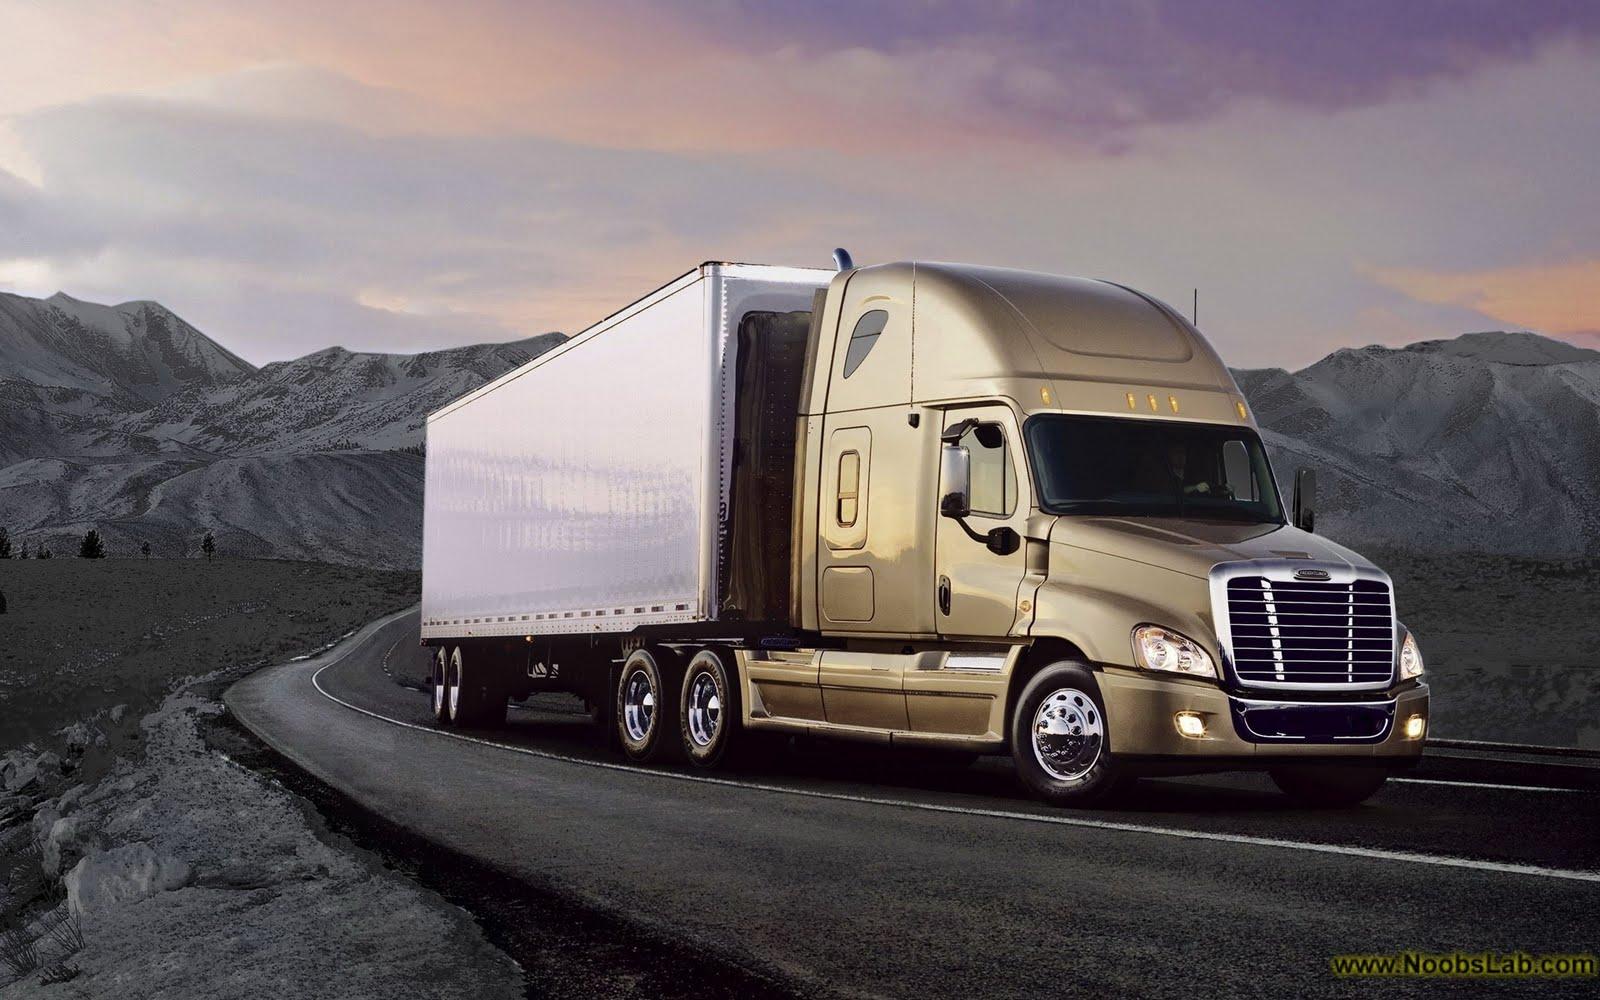 truck hd x wallpaper - photo #26